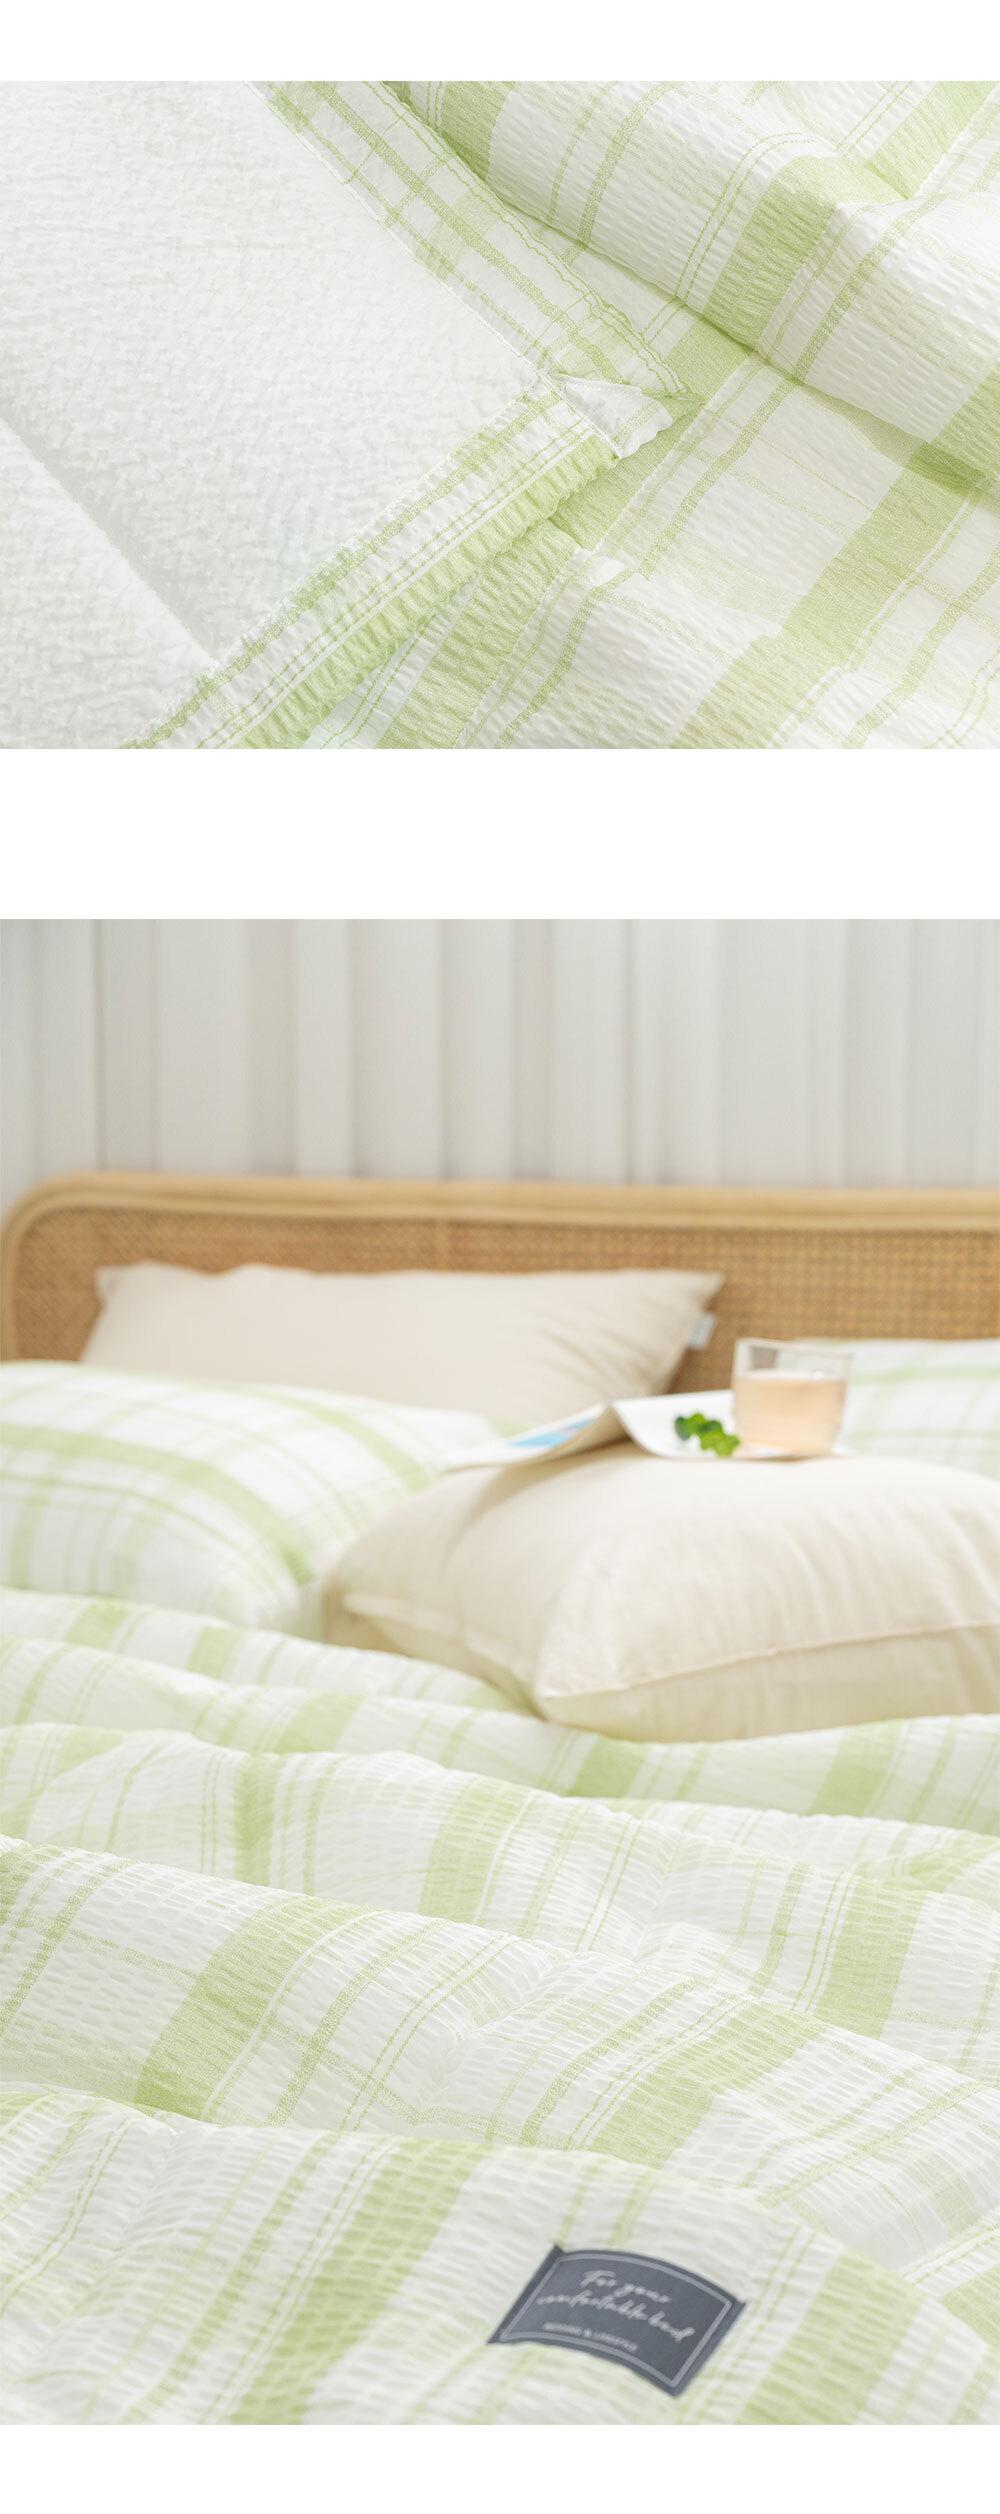 butterring_bed_green_05.jpg